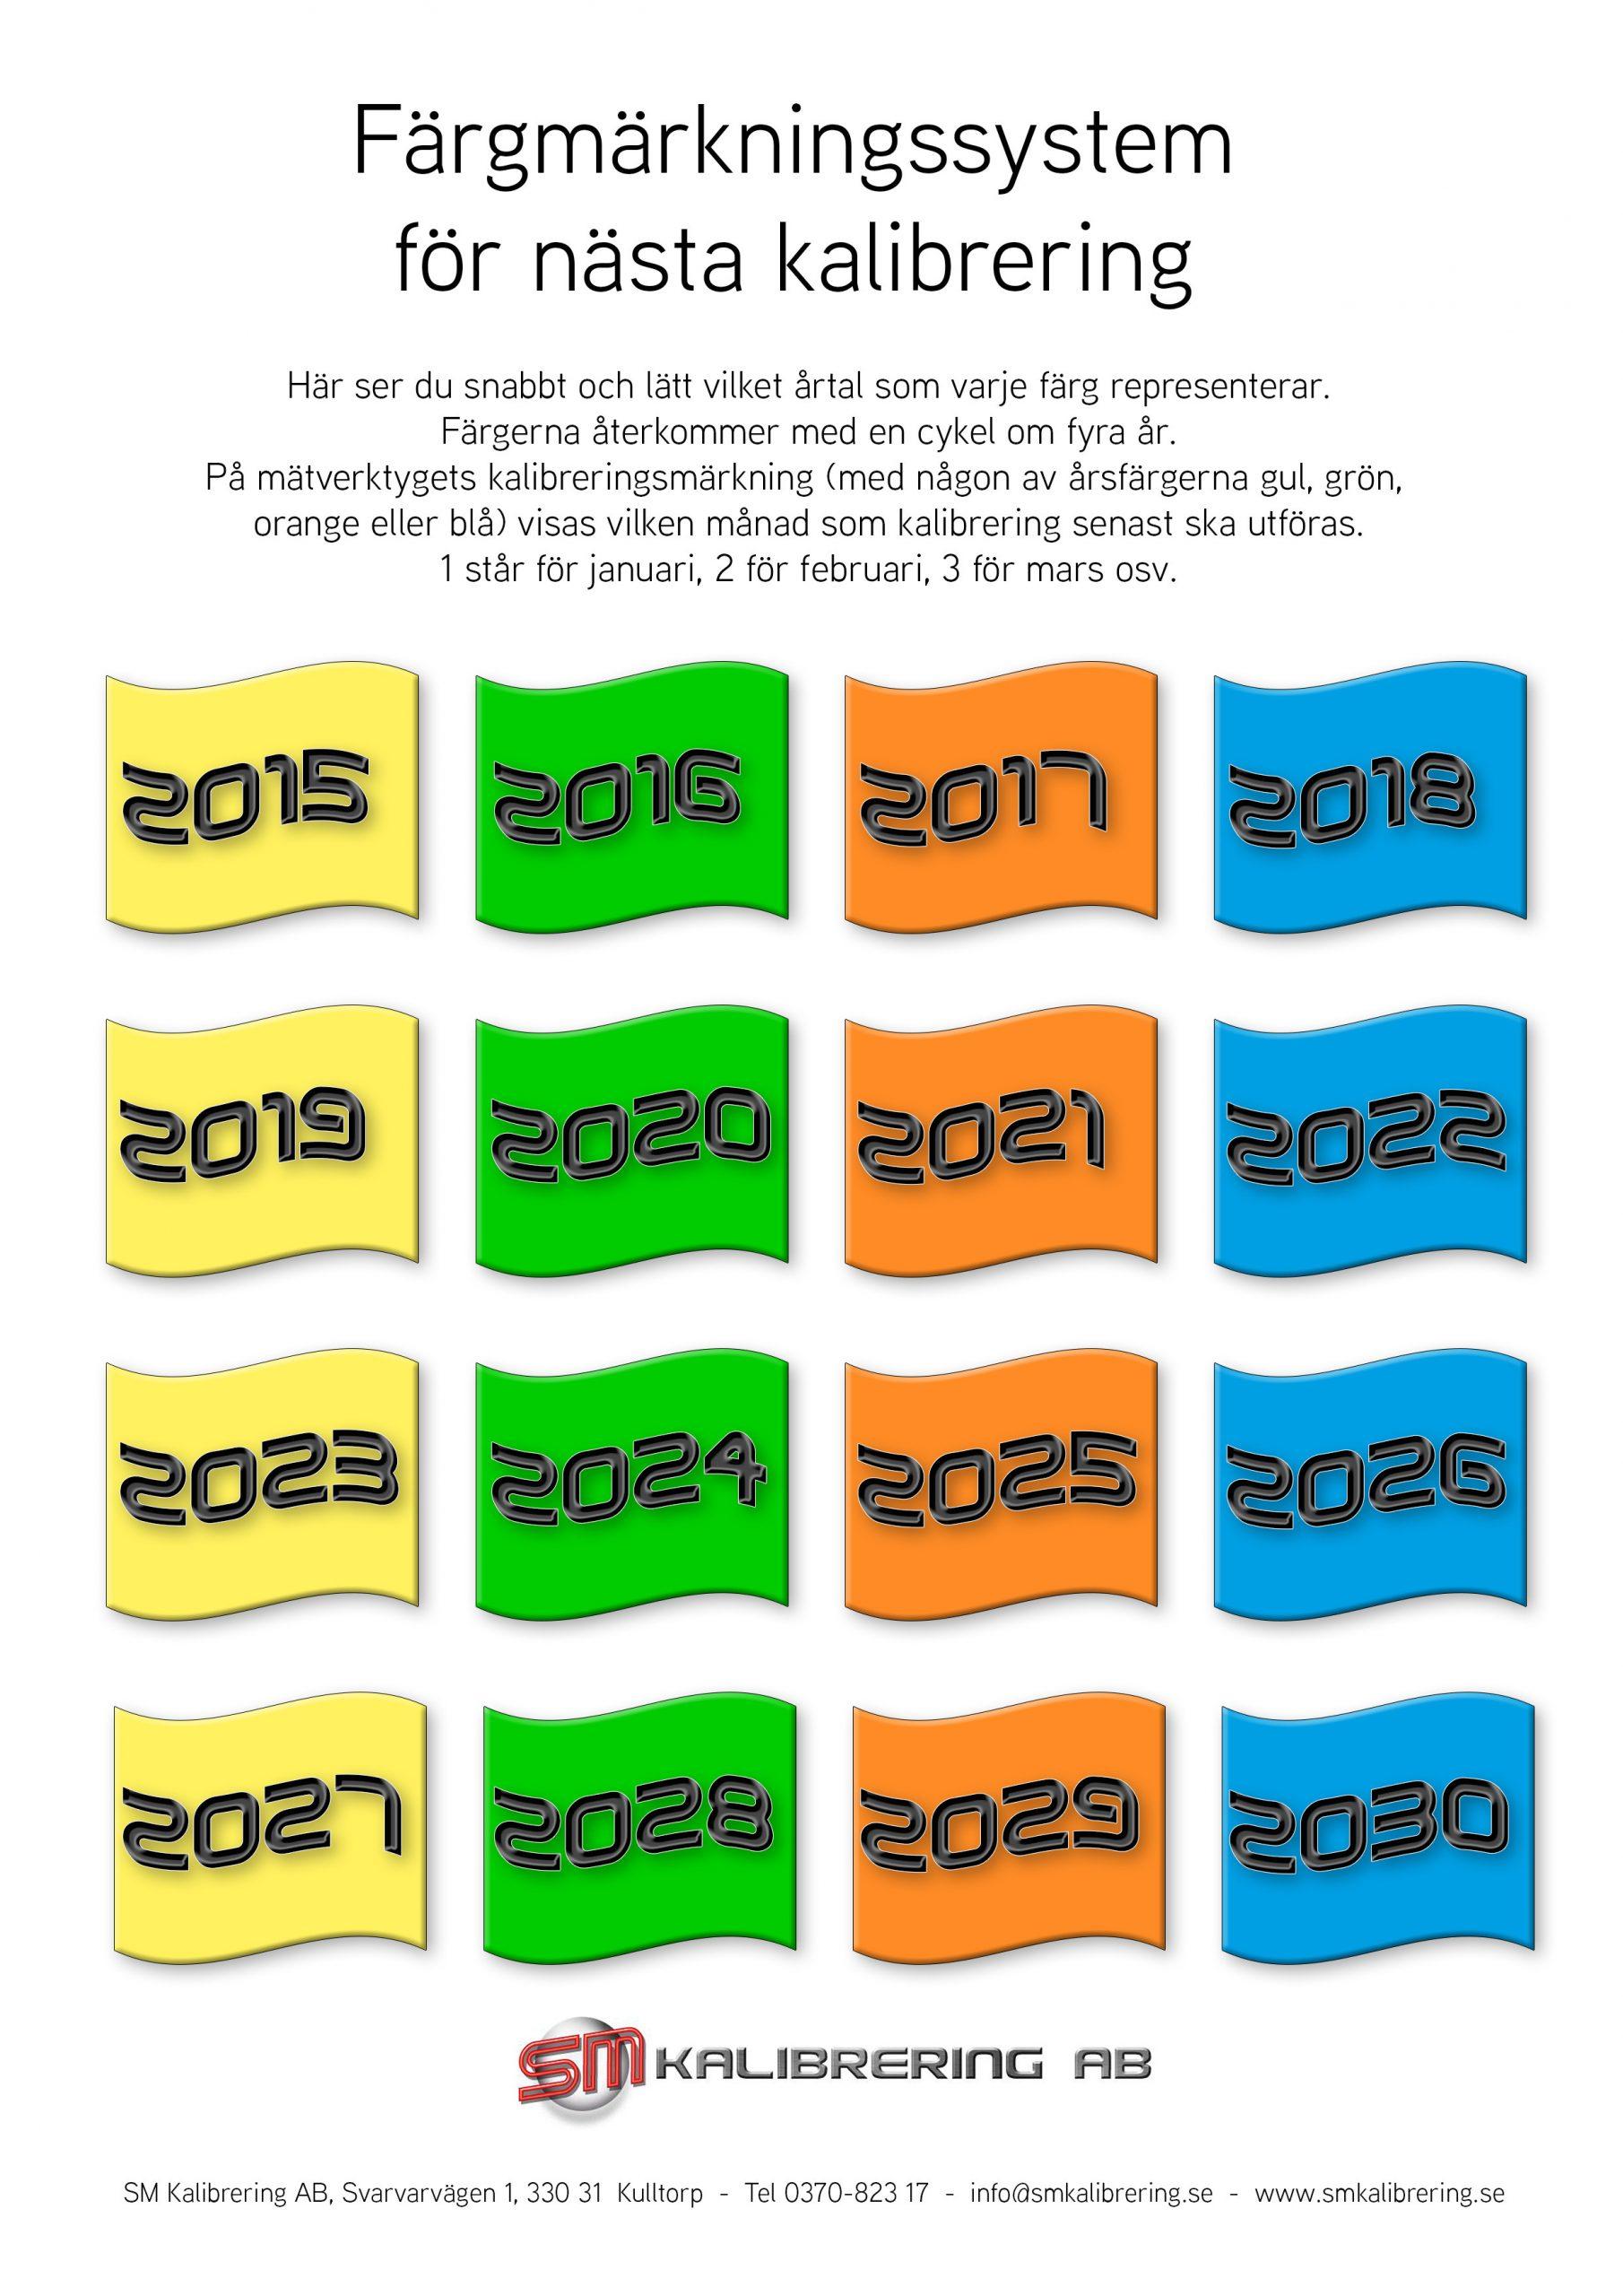 Färgmärkningssystem för nästa kalibrering